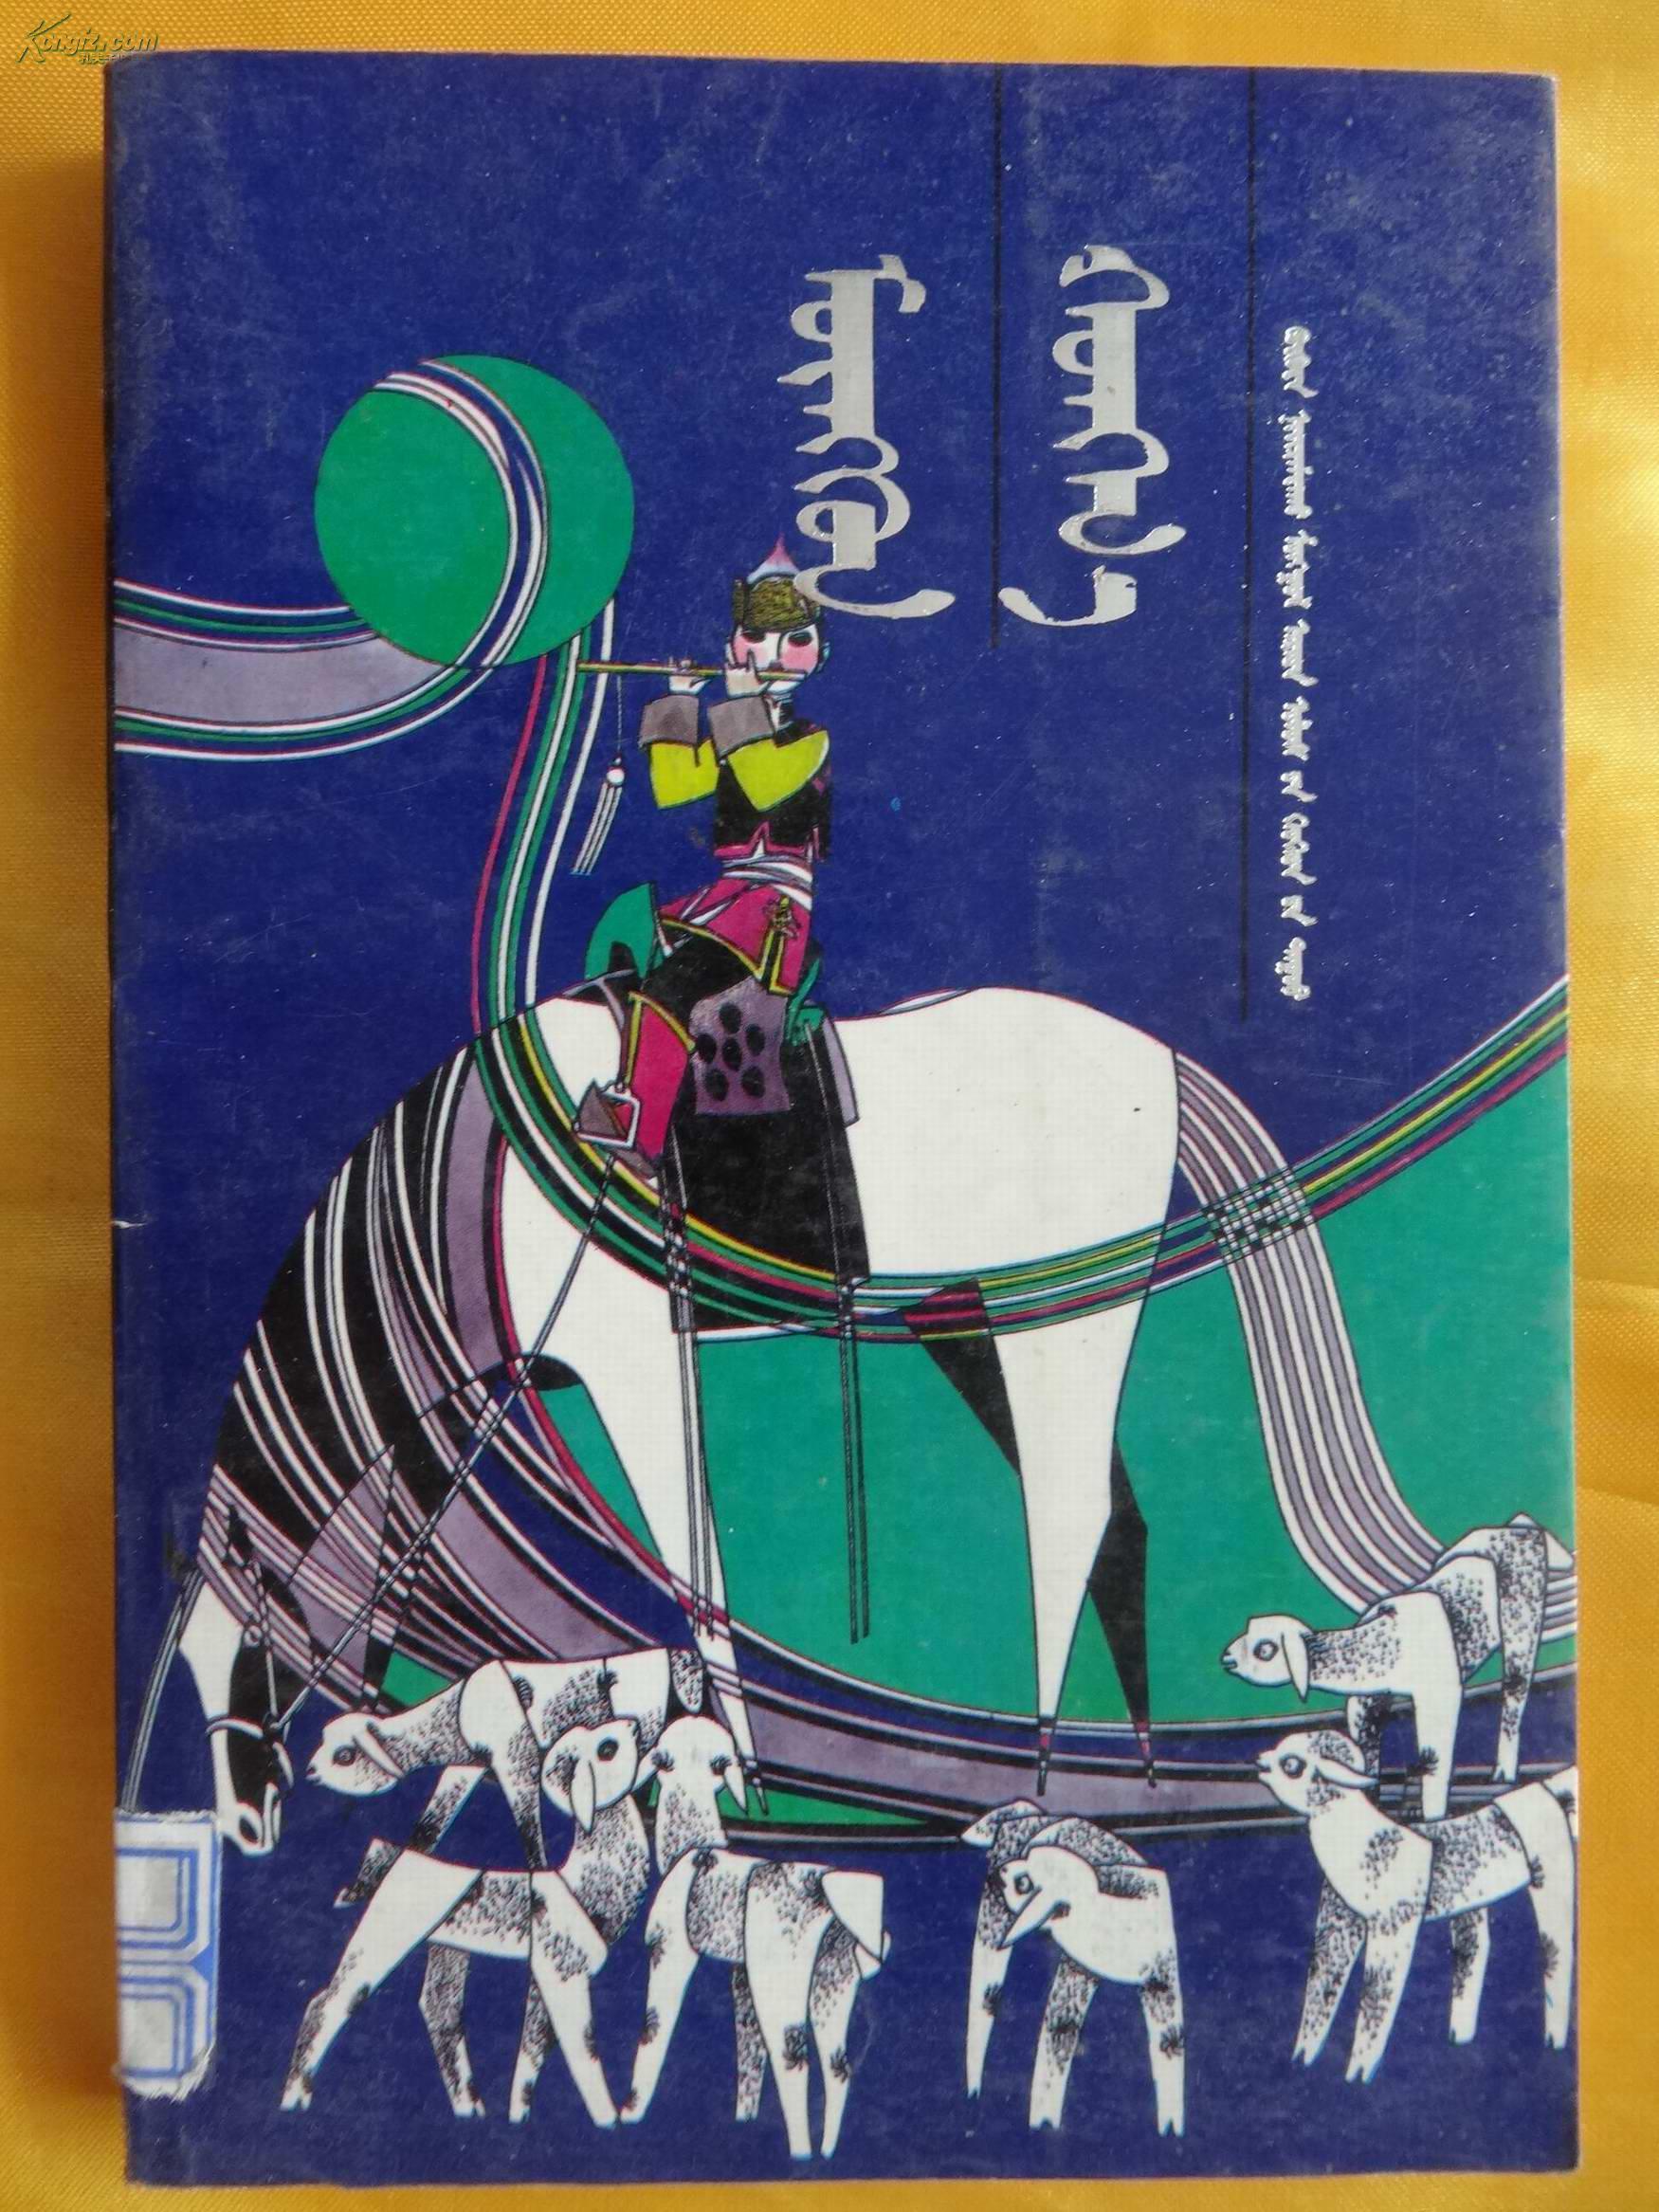 银铃 蒙古人民共和国儿童歌曲 蒙文